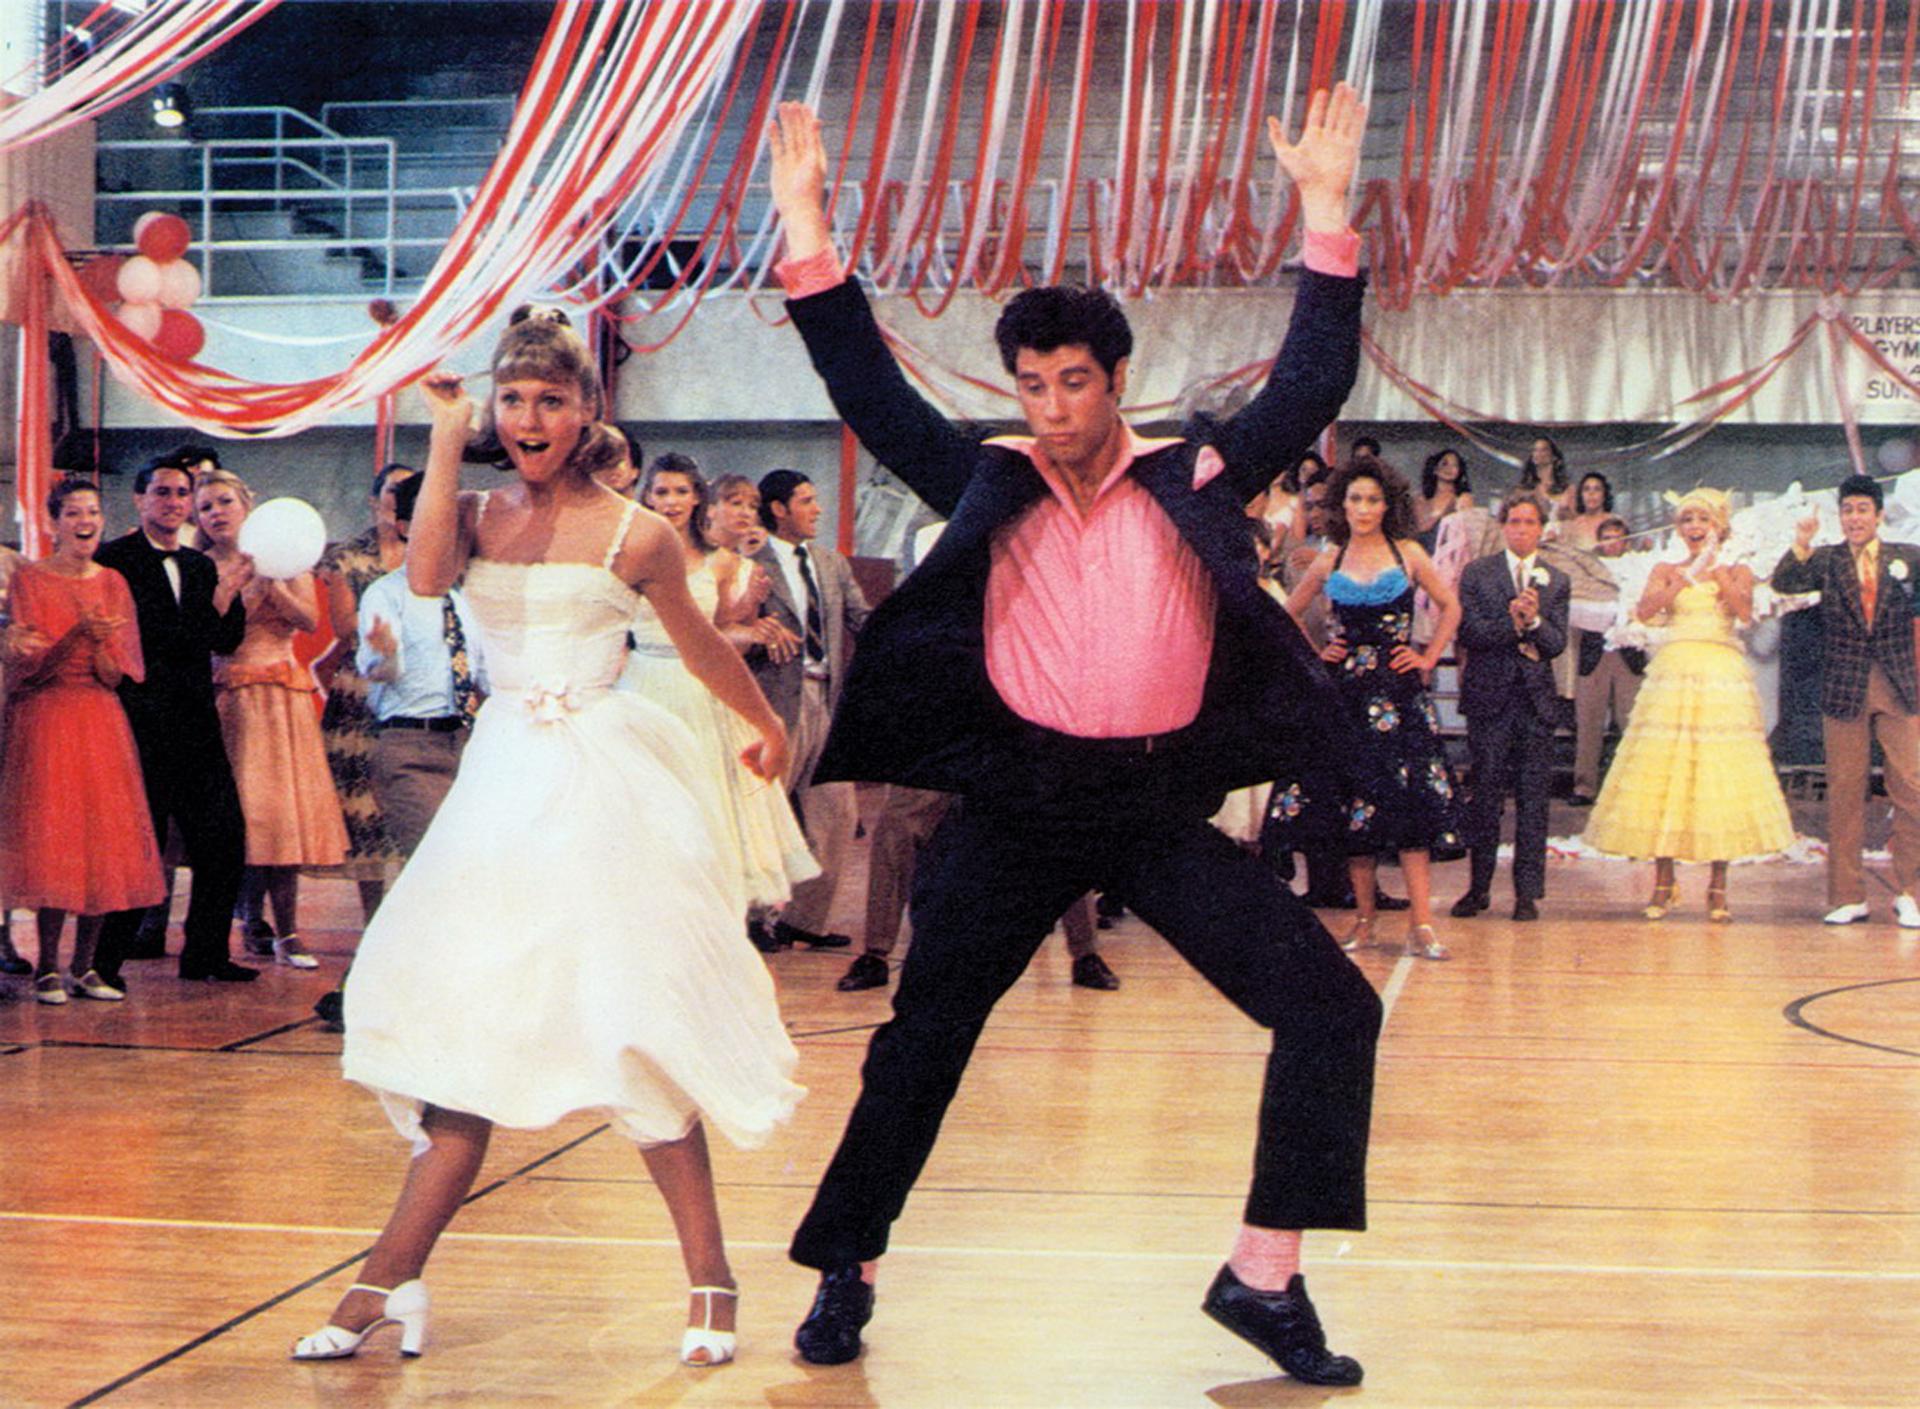 Olivia Newton en la piel de Sandy Olsson para 'Grease' en la escena donde bailan, ella luce un vestido blanco con corte en la cintura de seda. Los zapatos de bailarina con boca de pez acompañaron su vestuario. John, por su parte, en rosa y negro con un impecable traje y zapatos